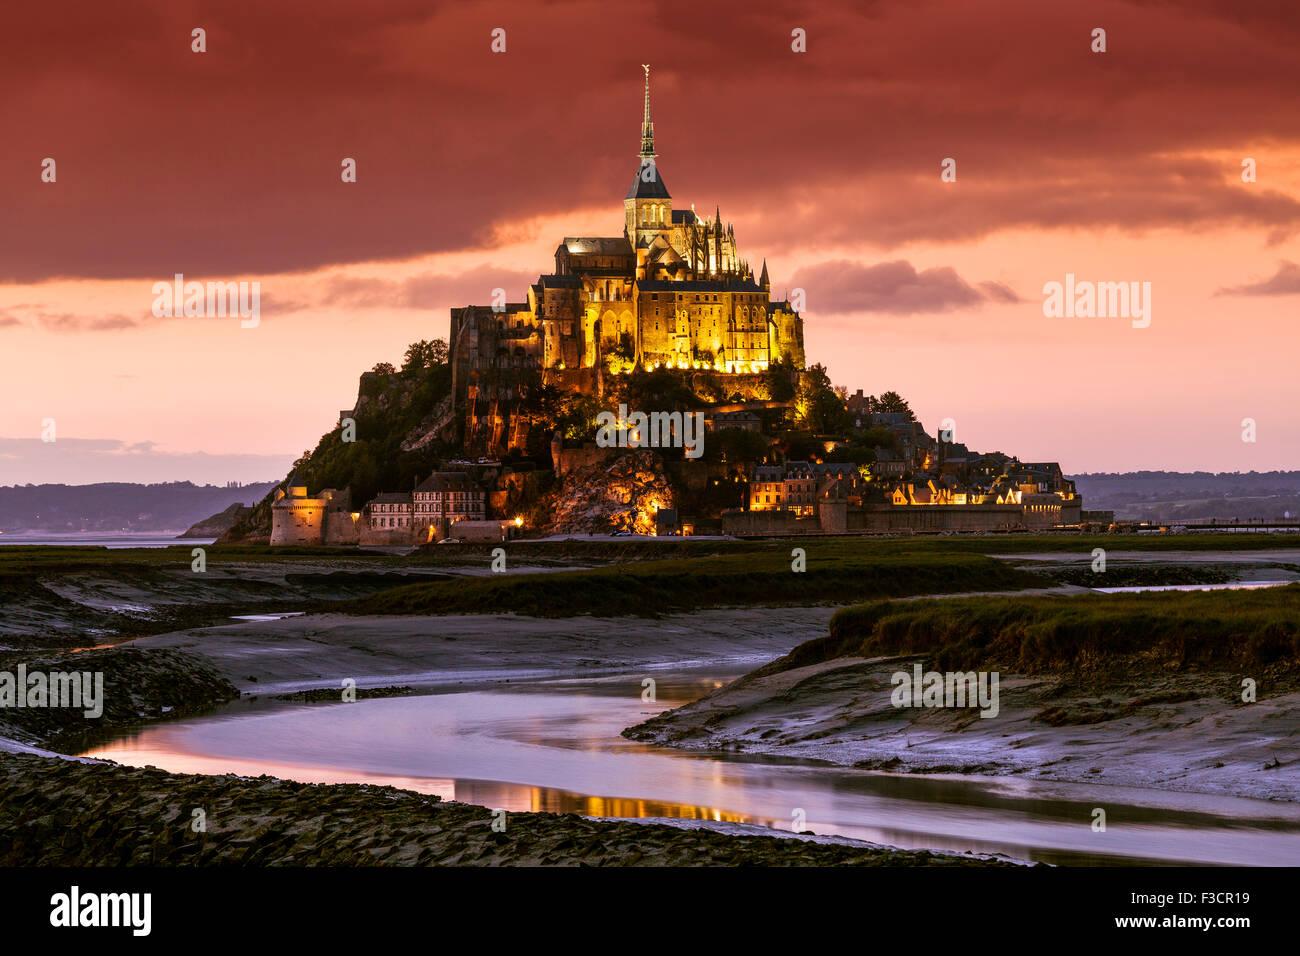 Couesnon river Le Mont-Saint-Michel Saint Michael Mount Benedictine abbey Lower Normandy Manche France Europe - Stock Image